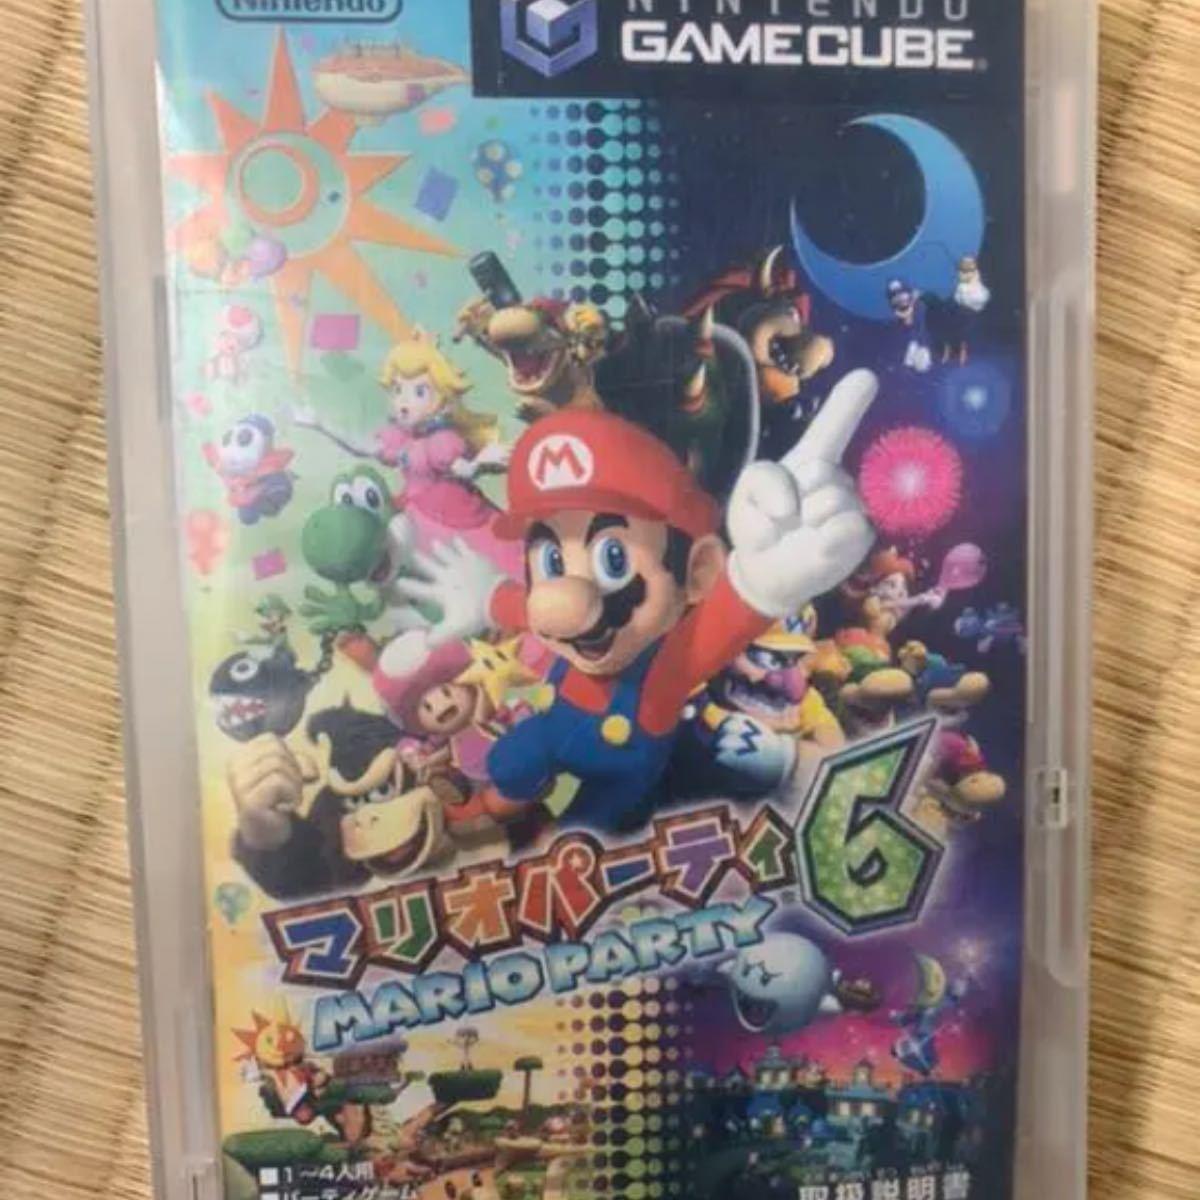 マリオパーティ6 ゲームキューブ